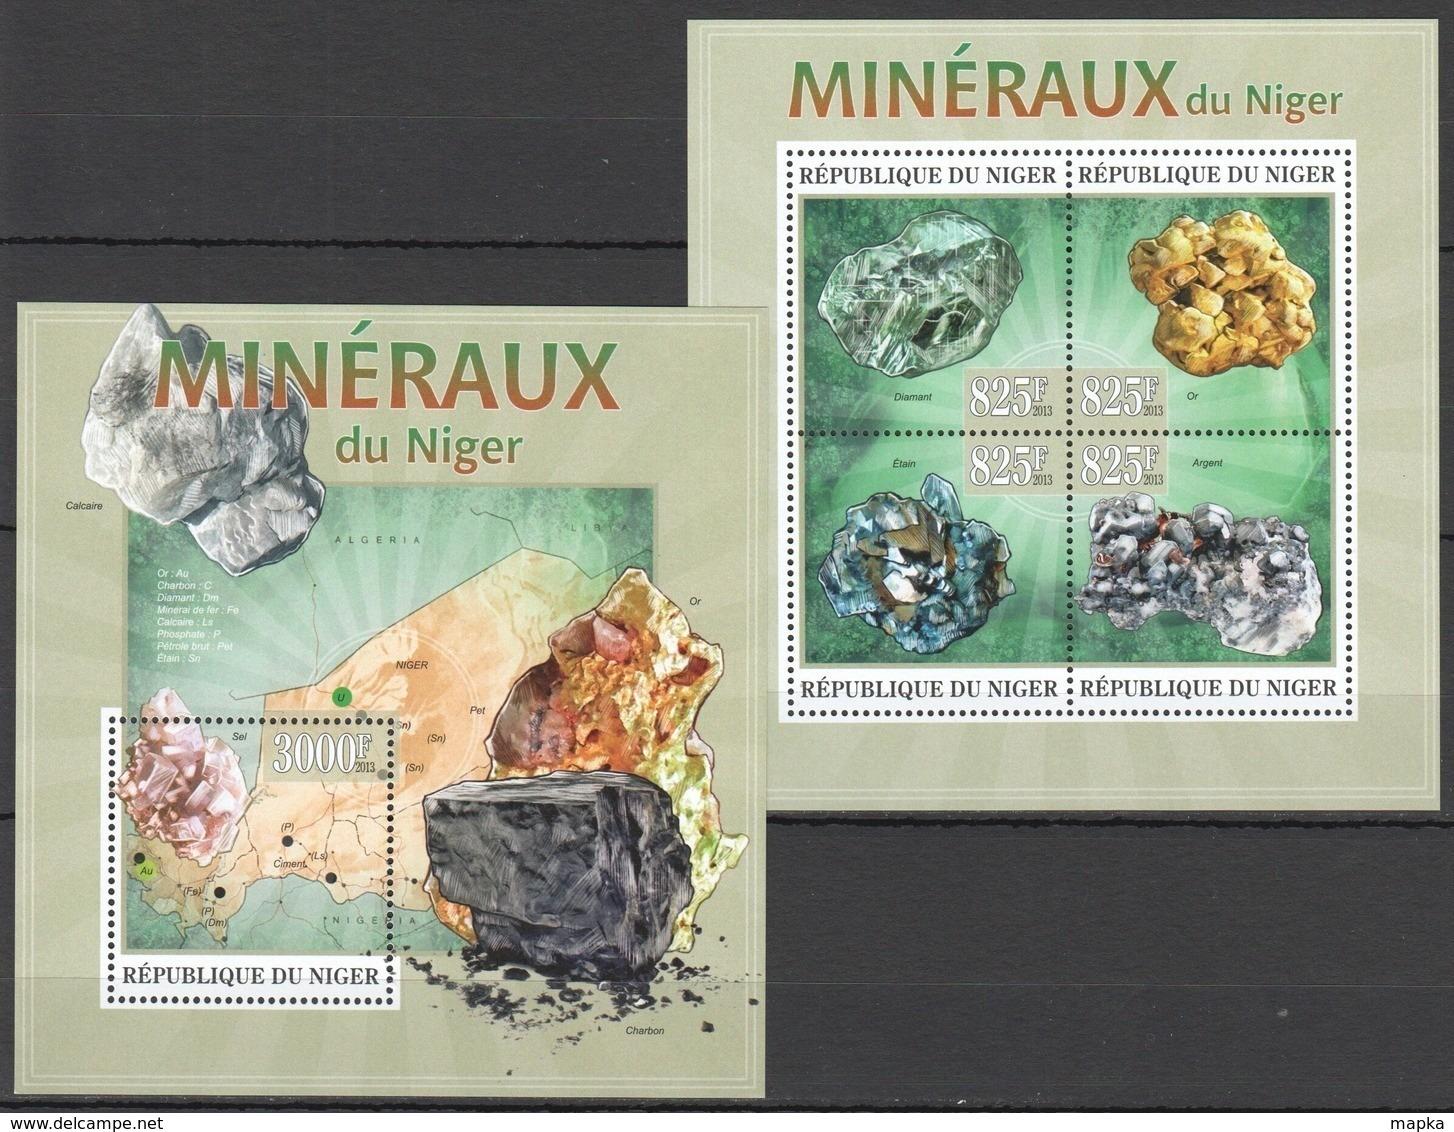 ST2794 2013 NIGER NATURE GEOLOGY MINERALS MINERAUX NIGER KB+BL MNH - Altri